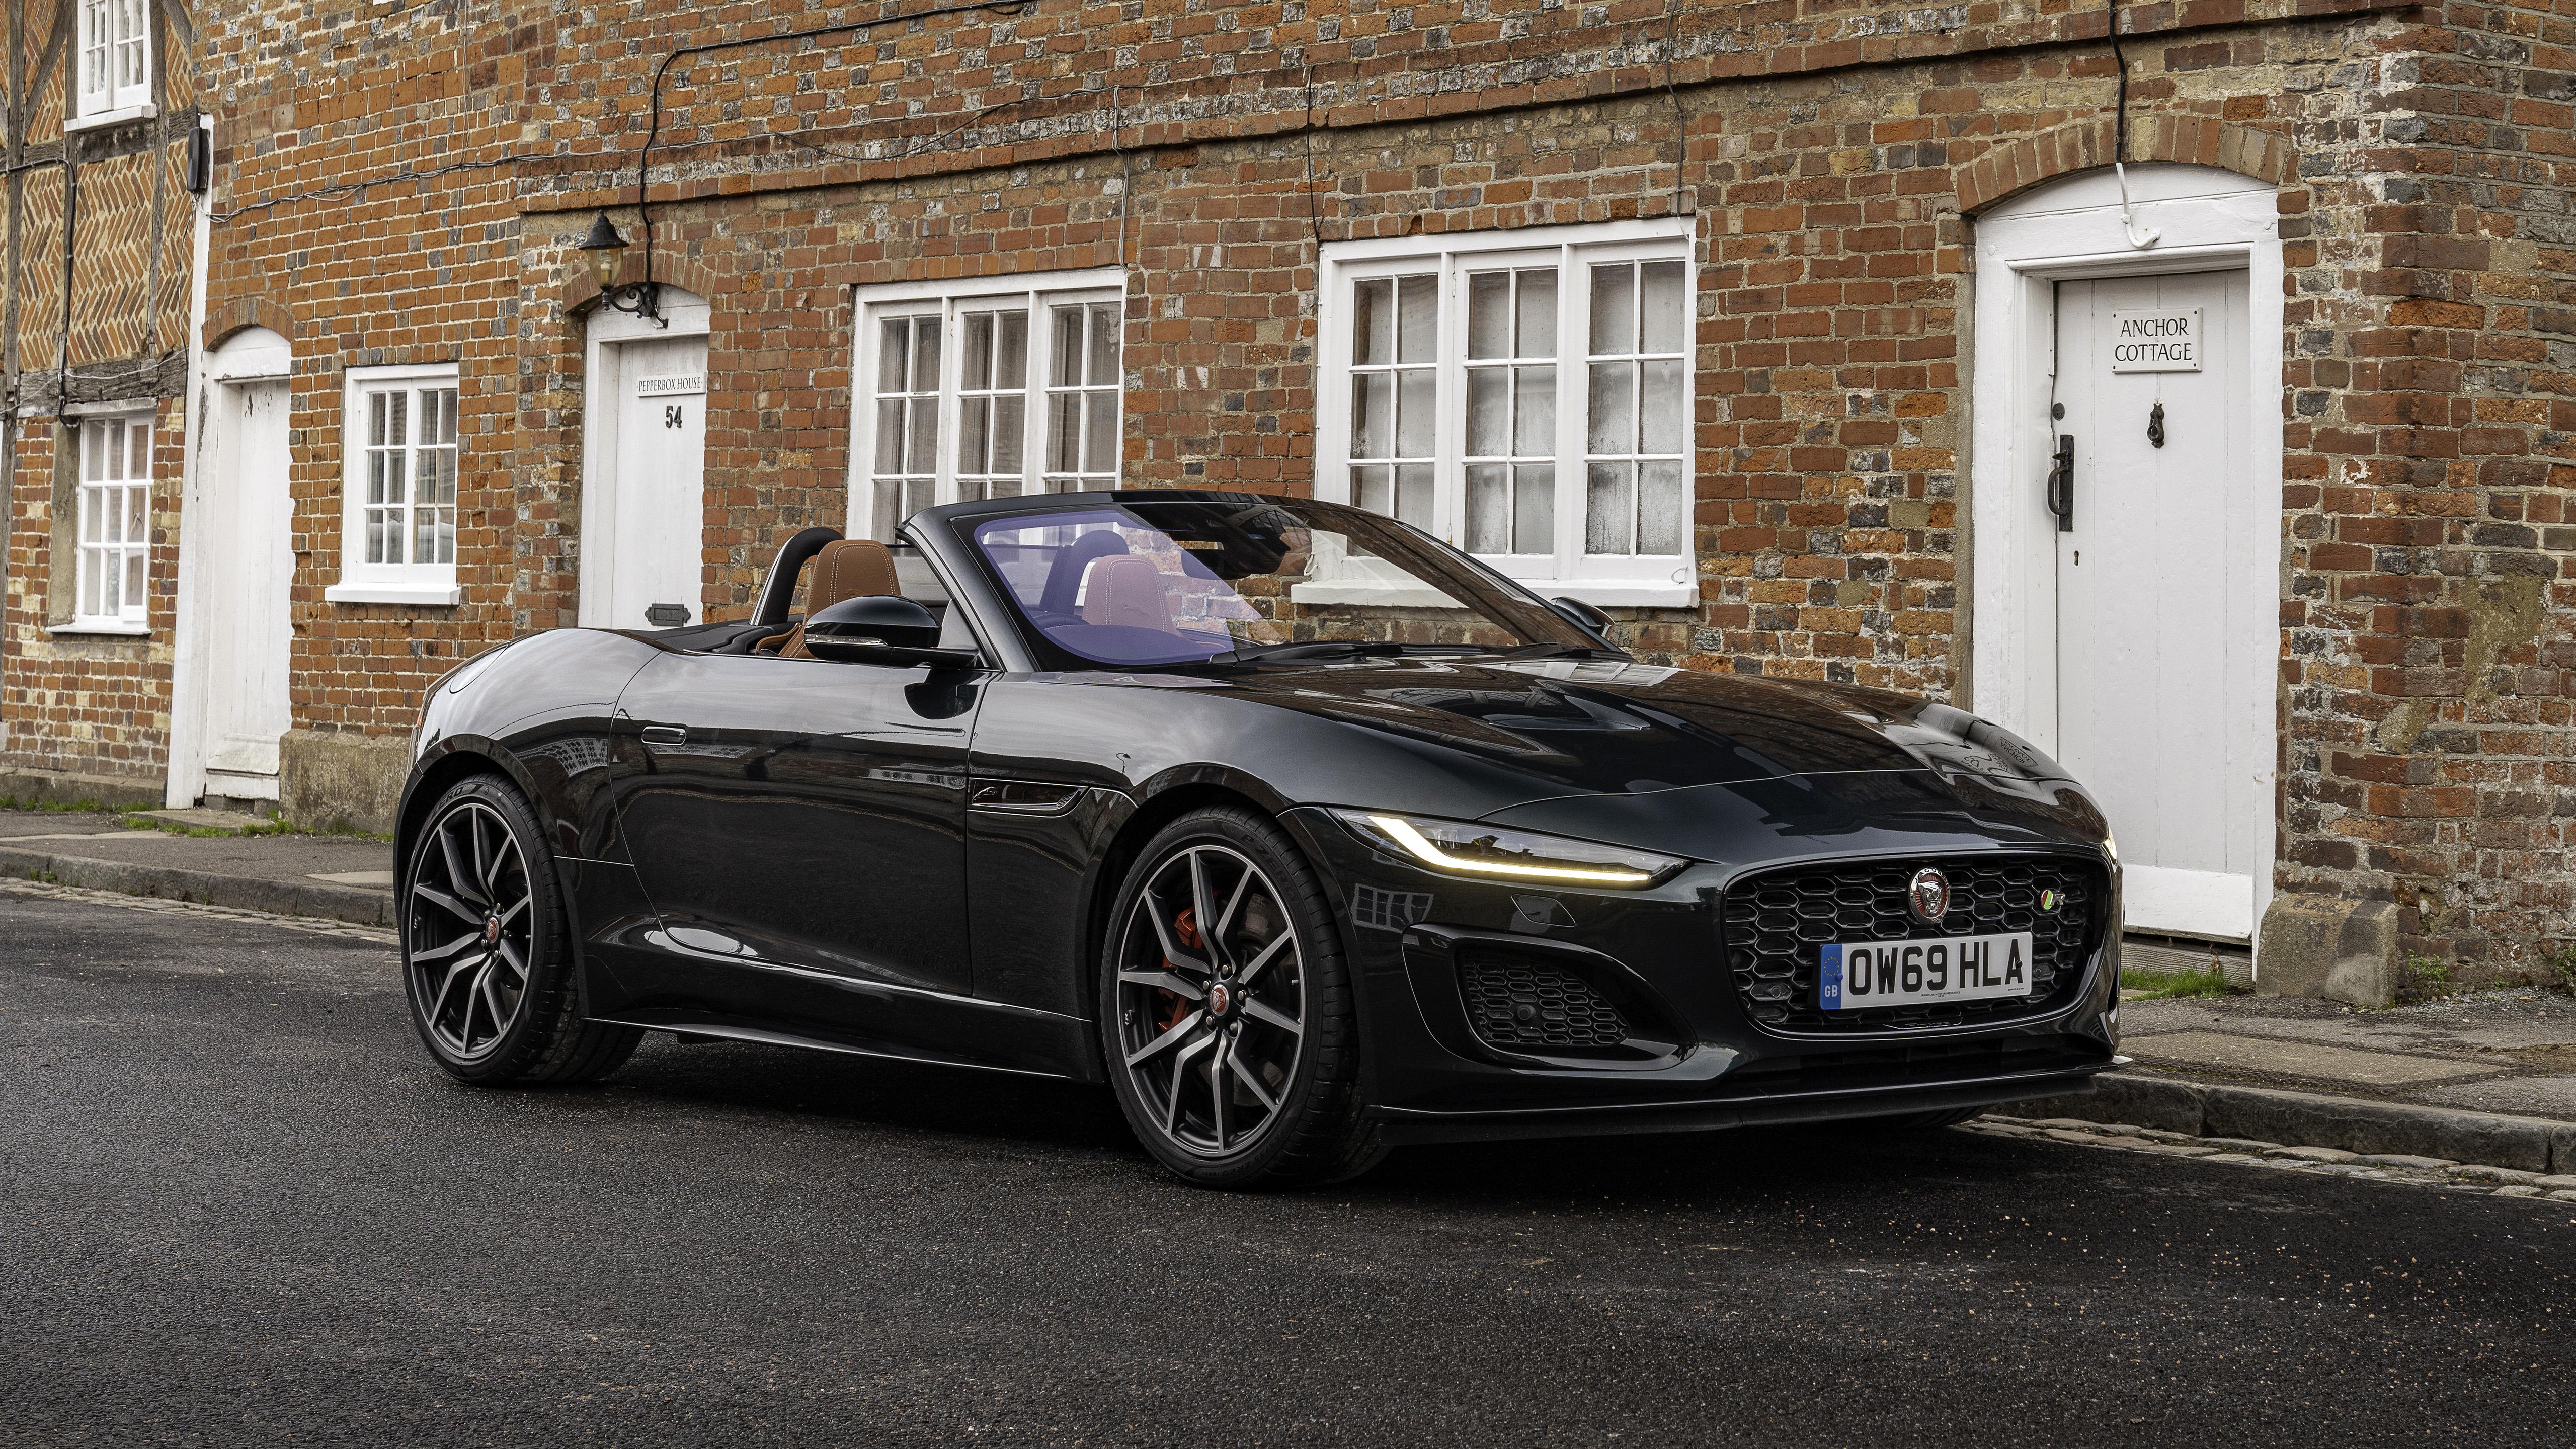 Jaguar F Type R Convertible 2021 5k Wallpaper Hd Car Wallpapers Id 17245